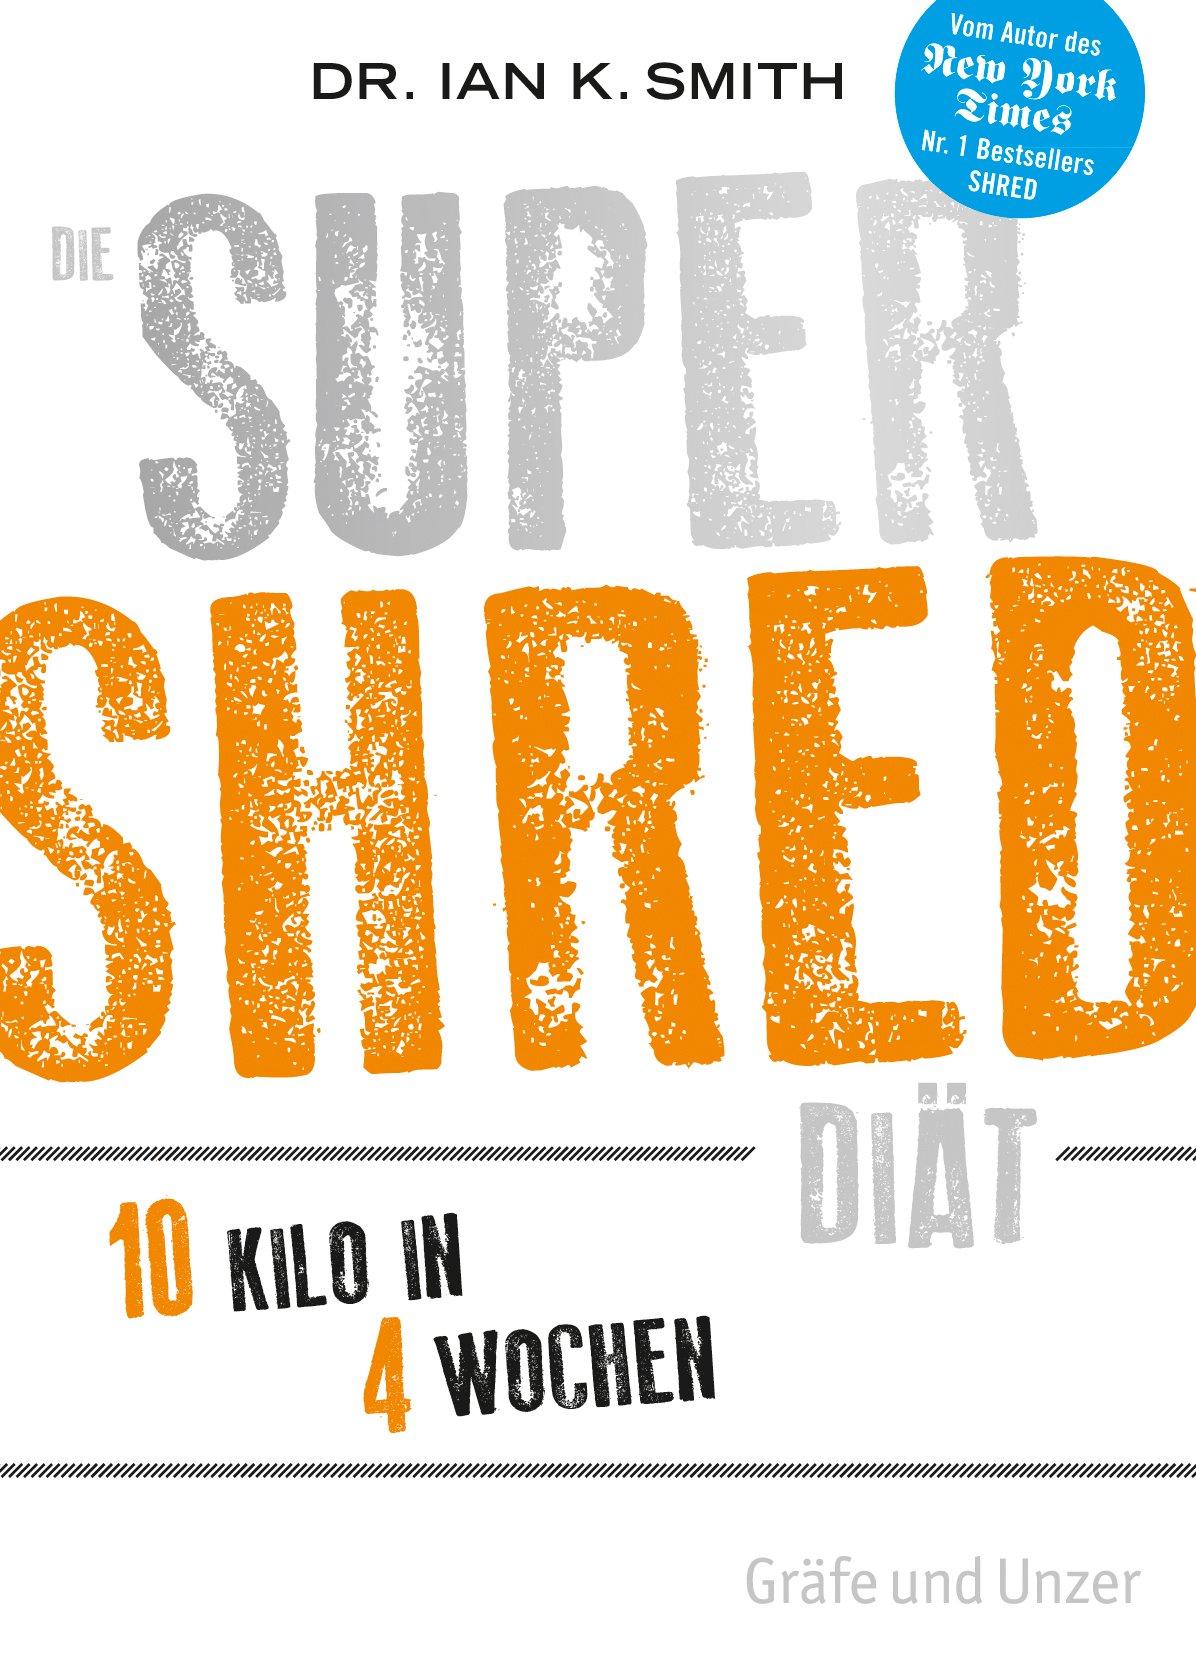 Effektive Diät 10 Kilo pro Monat